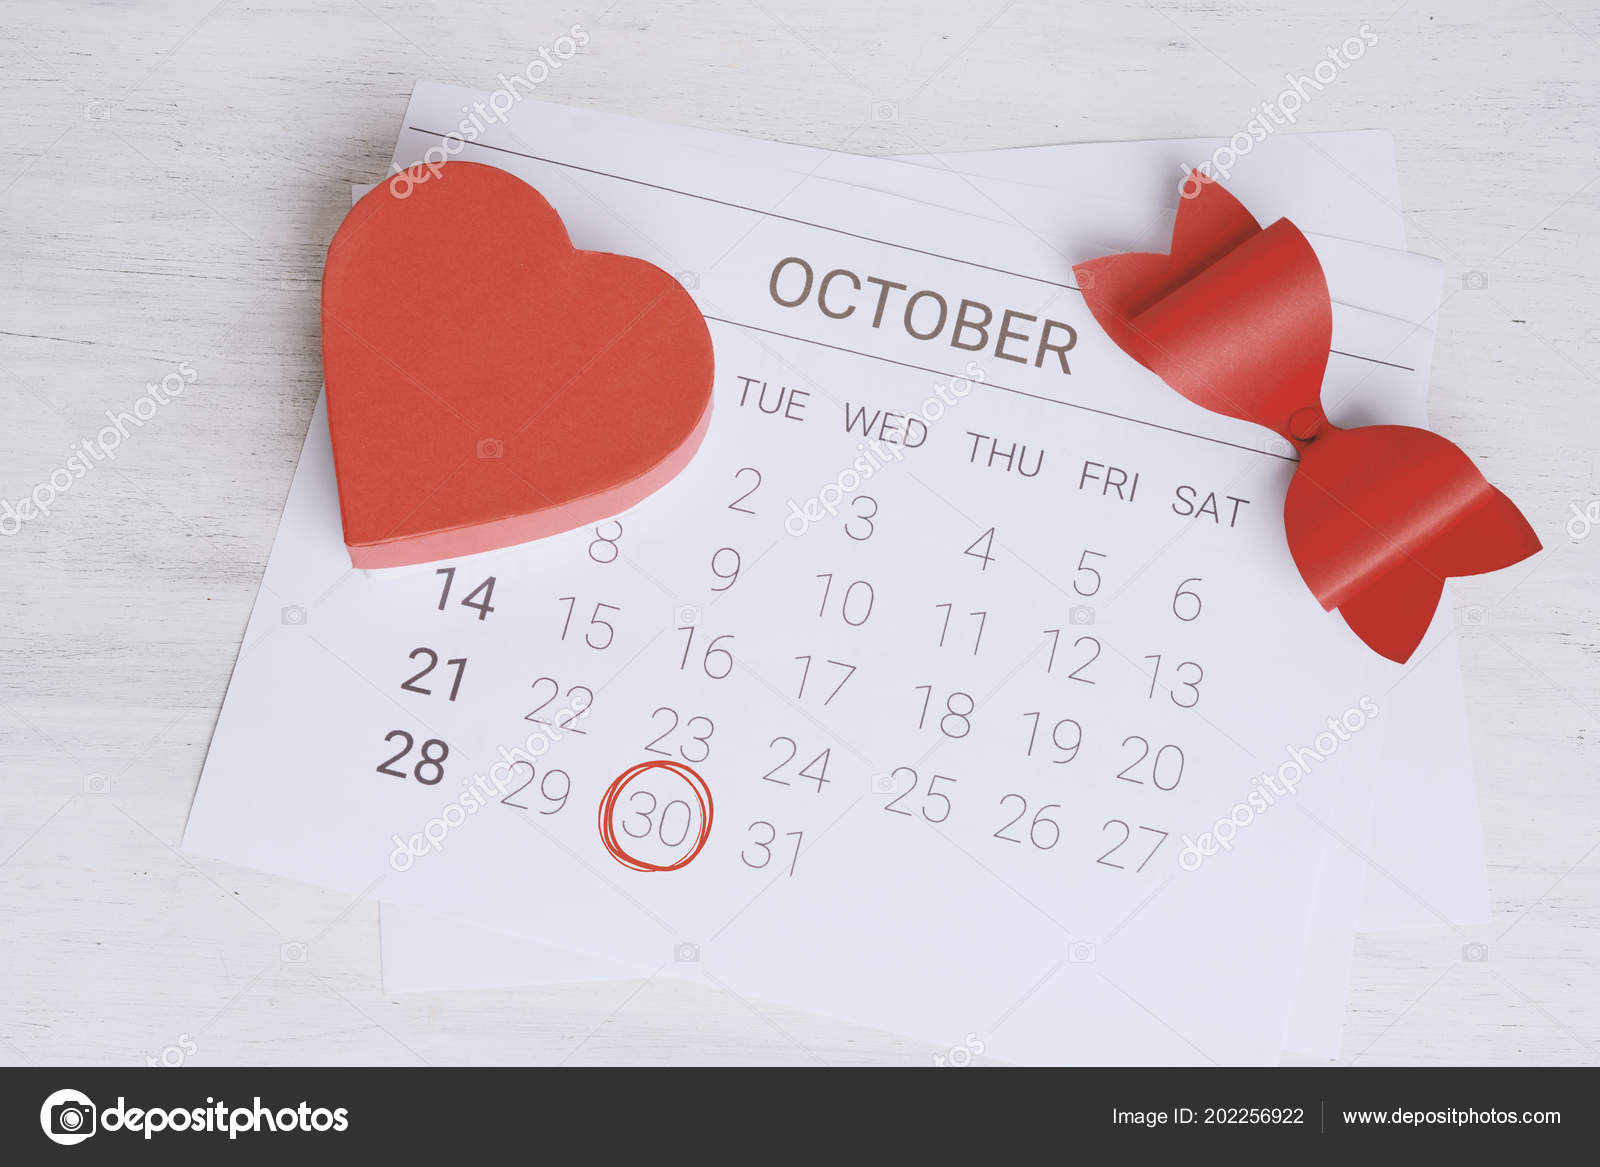 Dating κειμένου μετά την πρώτη ημερομηνία αξιοπιστία με το κάλιο για αργό ραντεβού